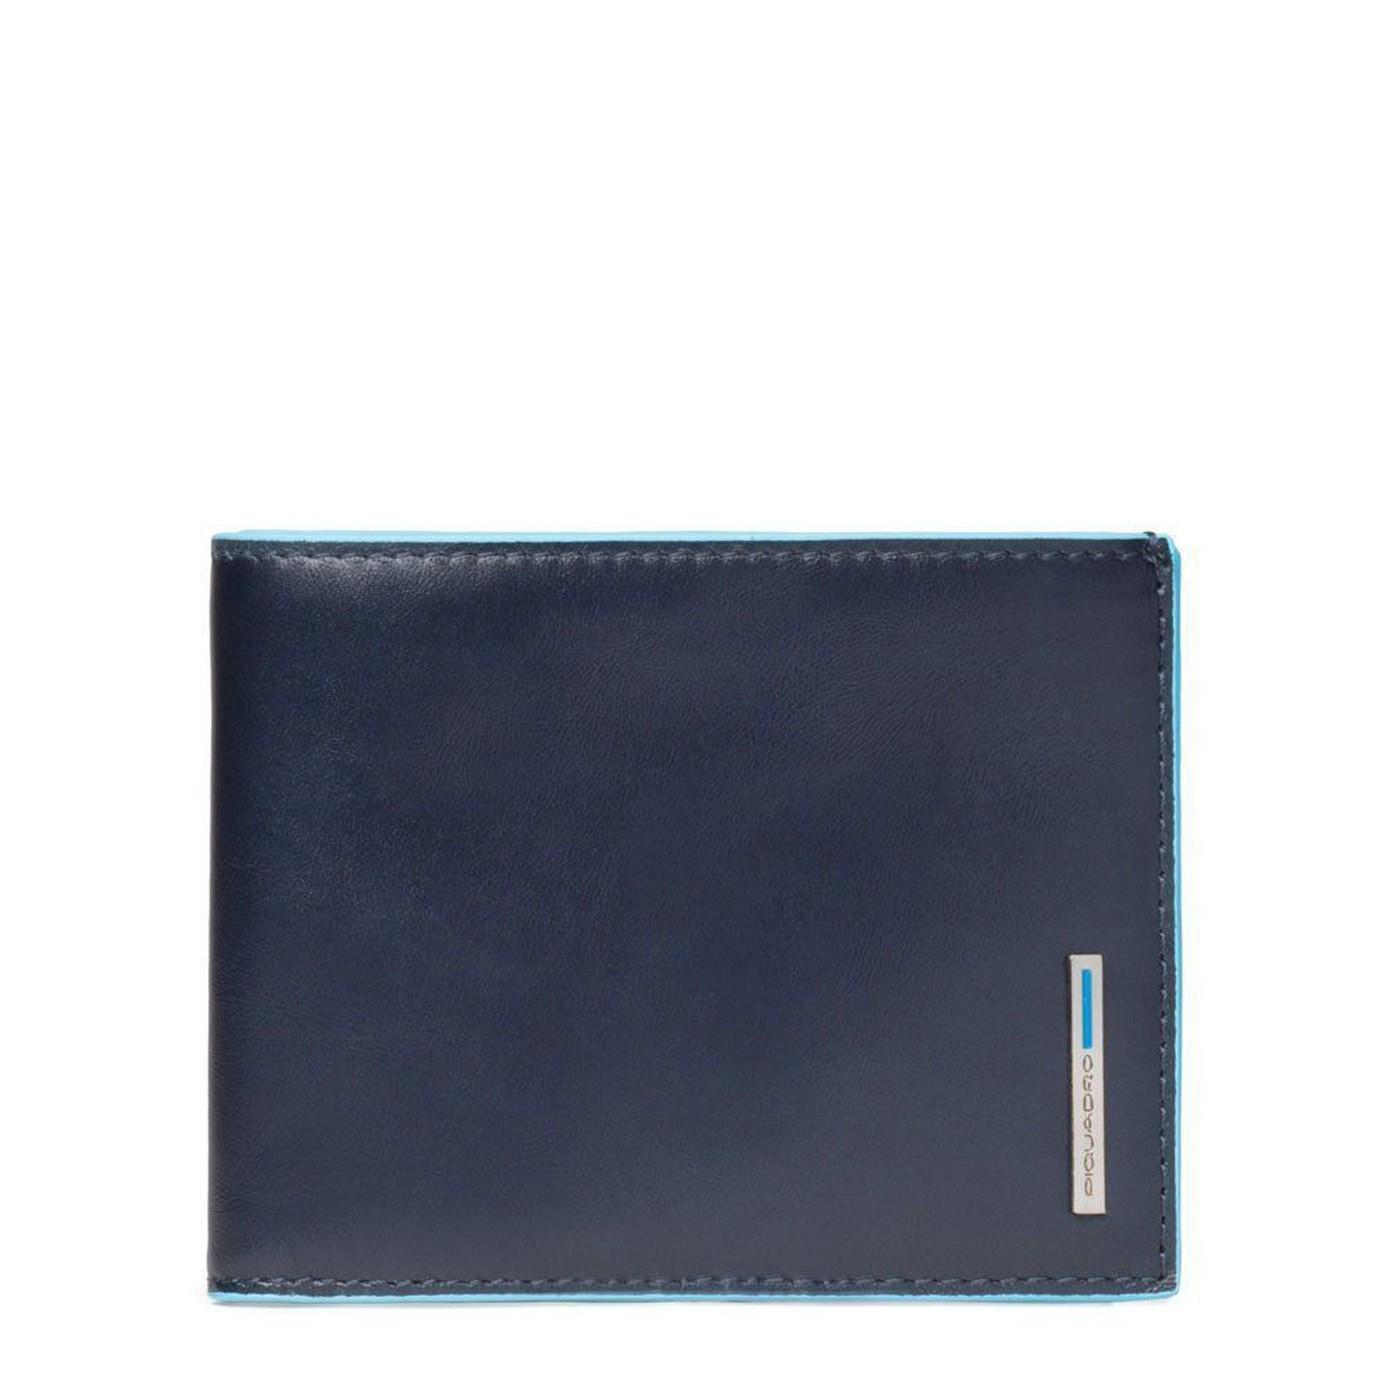 494850385b PIQUADRO BLUE SQUARE Portafogli uomo con porta carte e moneta in pelle BLU